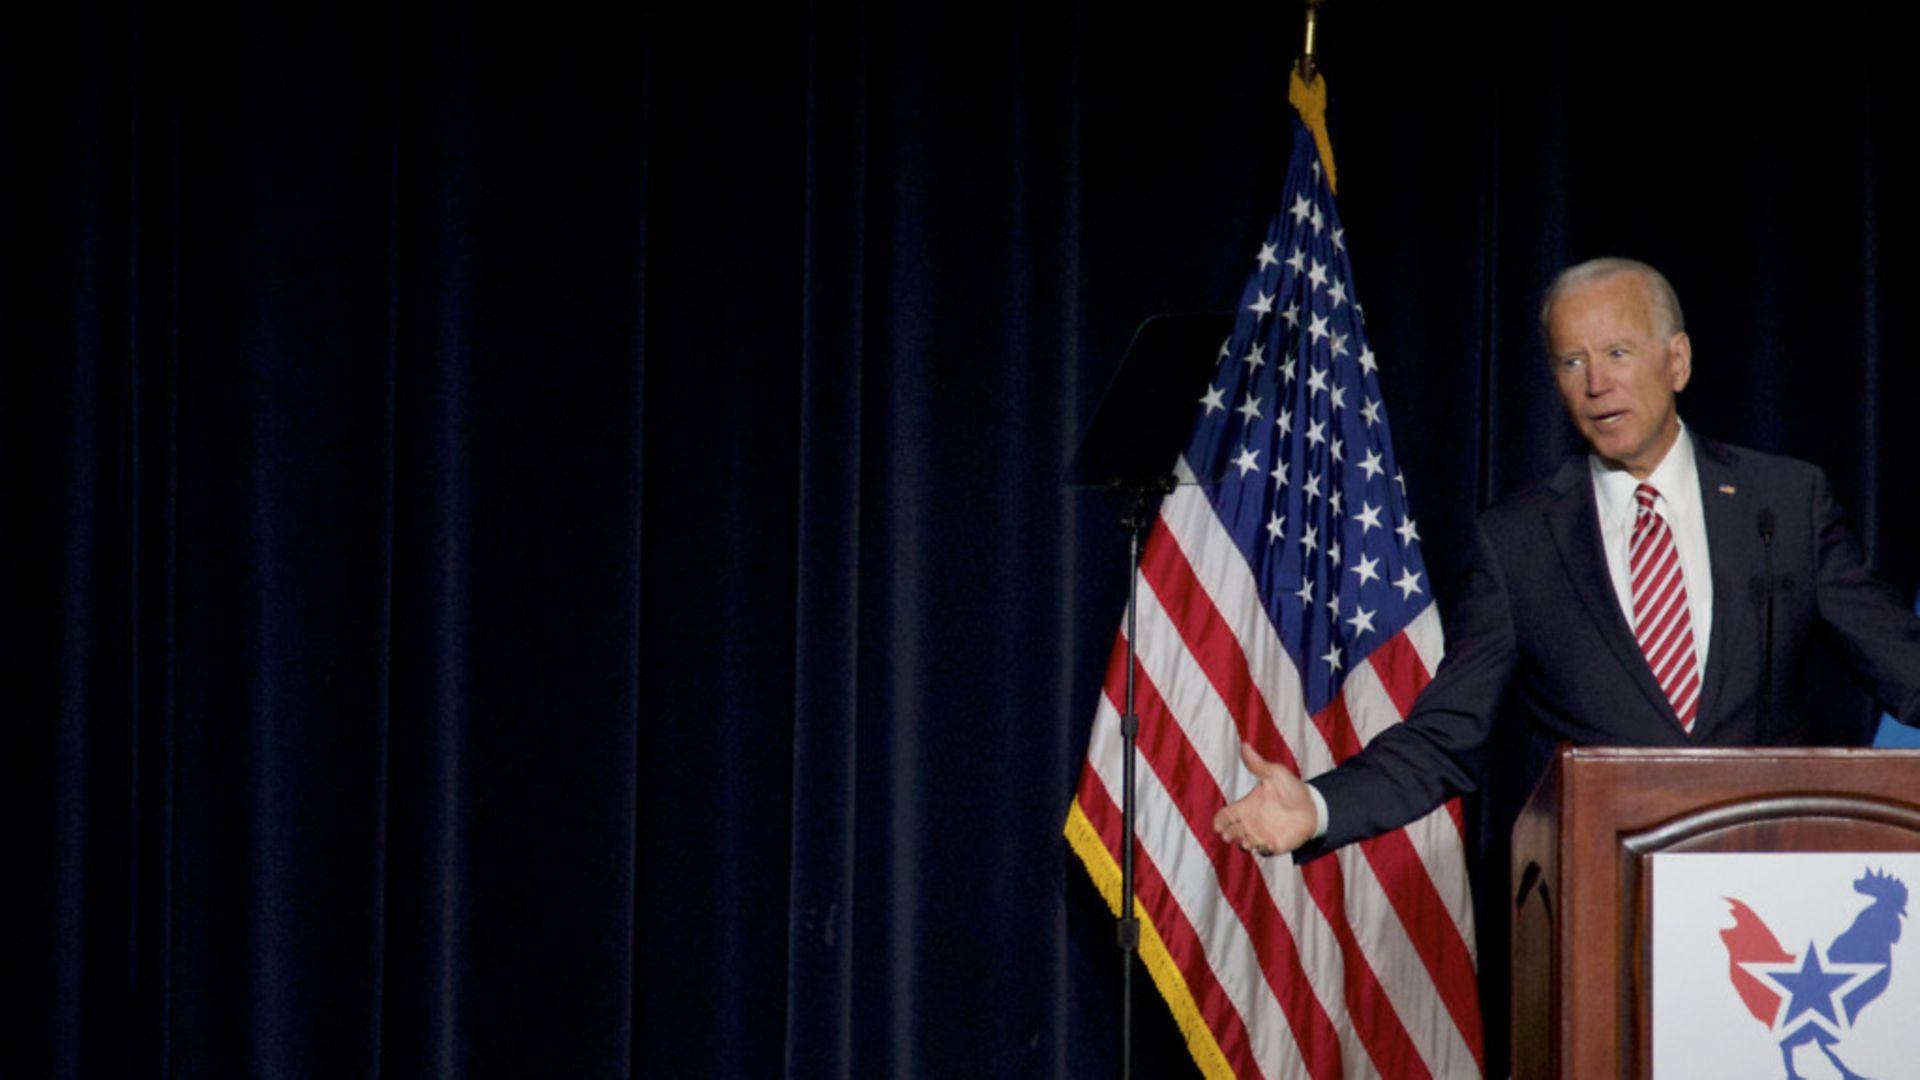 Joe Biden - Credit: NurPhoto via Getty Images